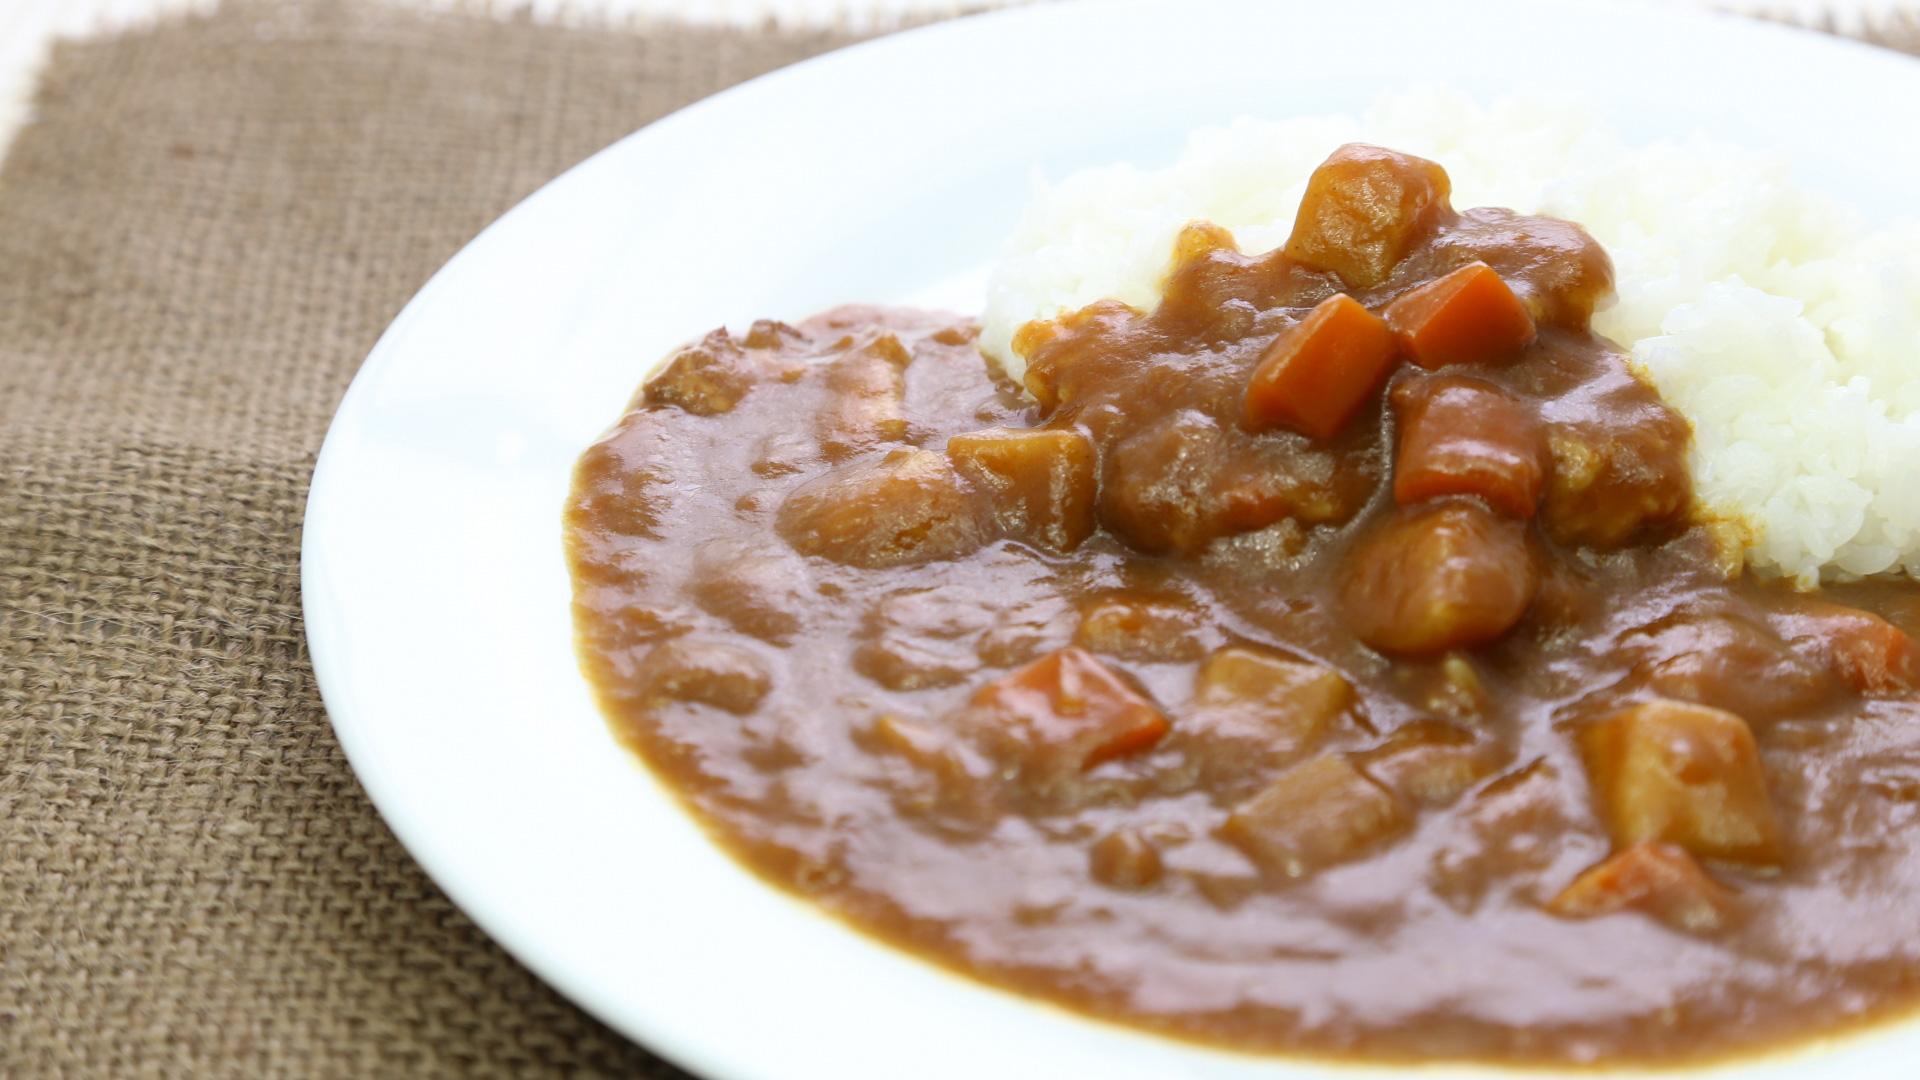 レトルト食品の王様・絶品カレーをご紹介!おすすめ商品や美味しいアレンジも